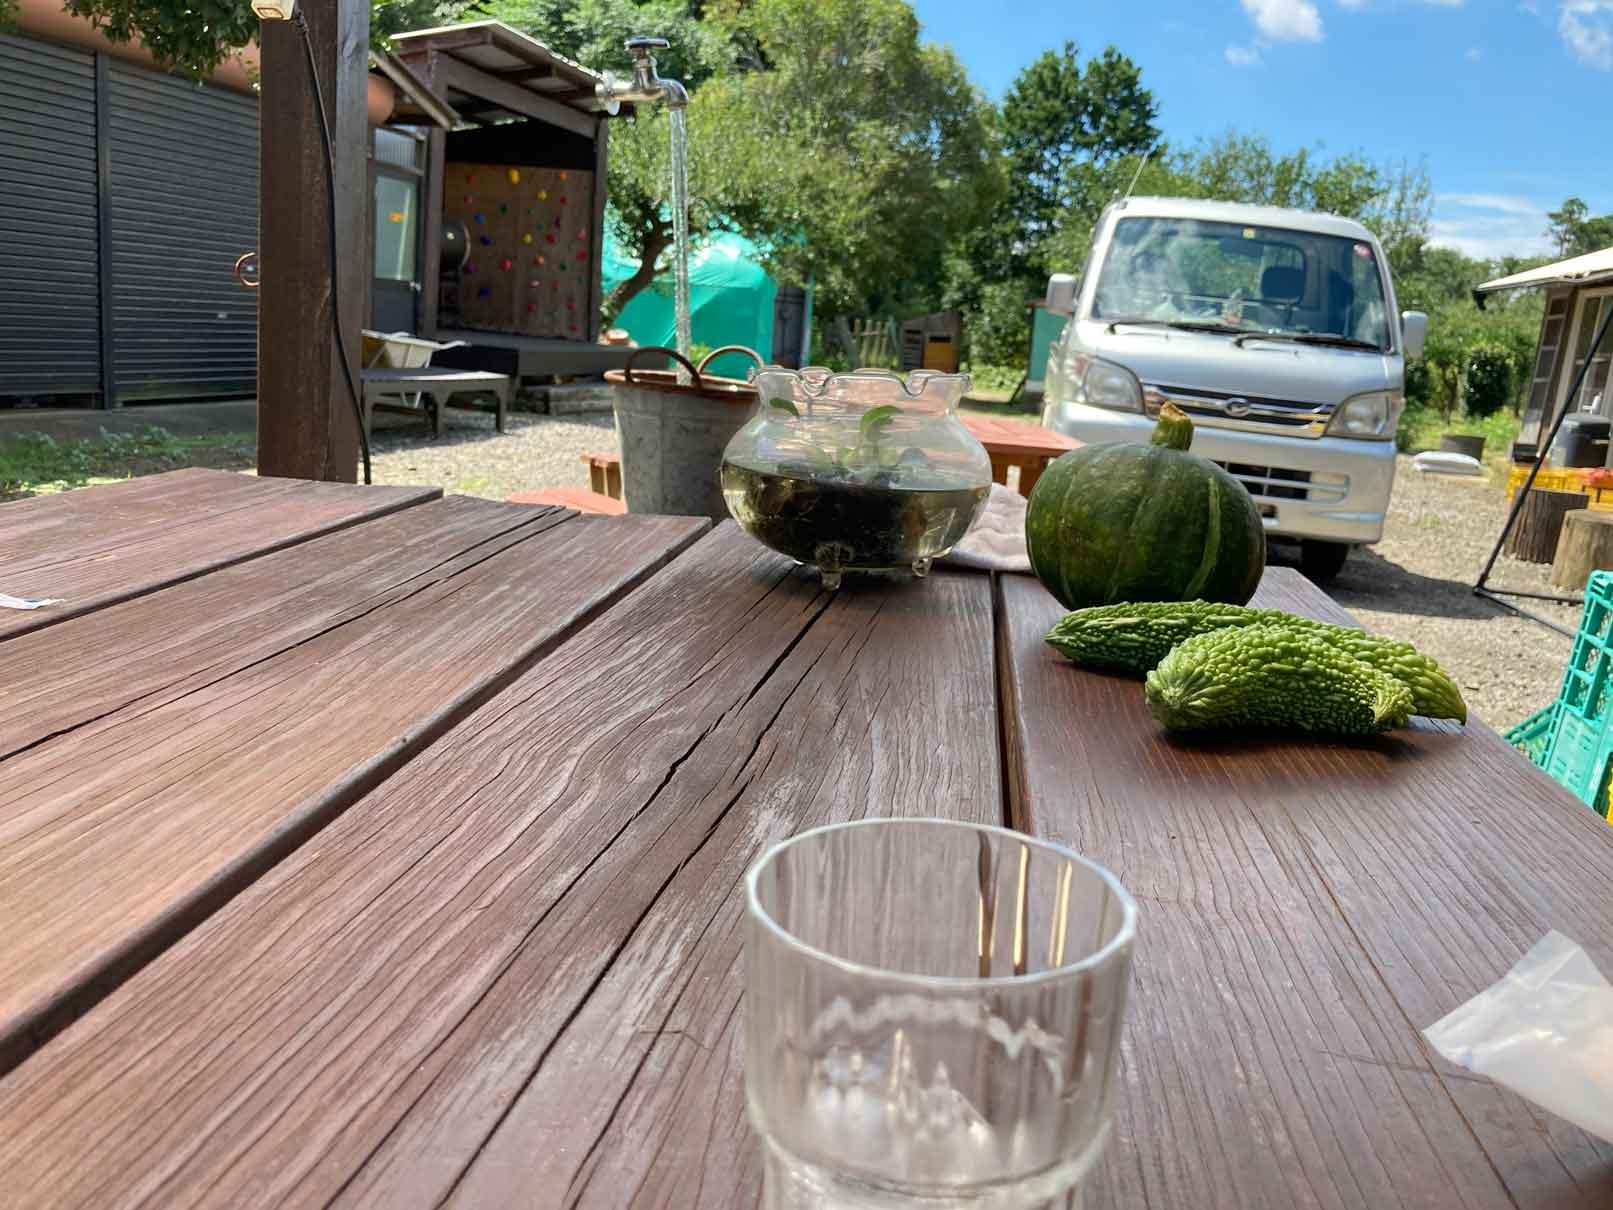 田舎カフェ斎藤ガーデンのテラス席